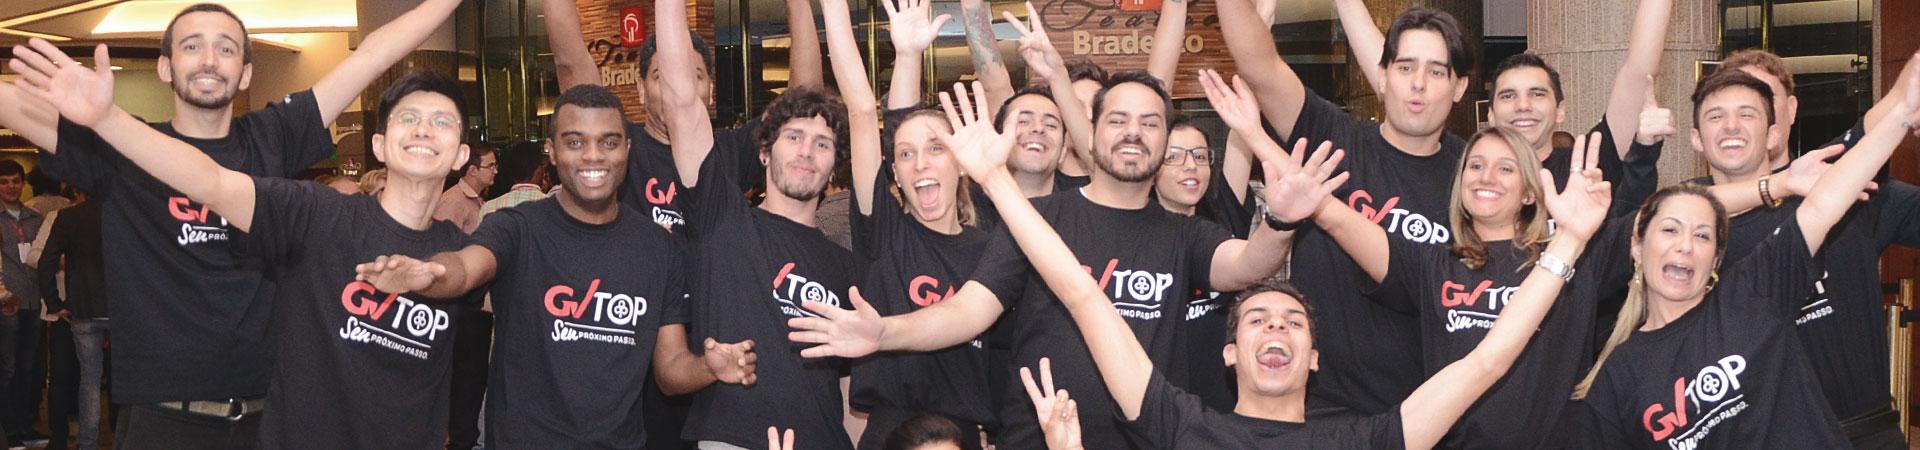 _gvtop_voluntarios